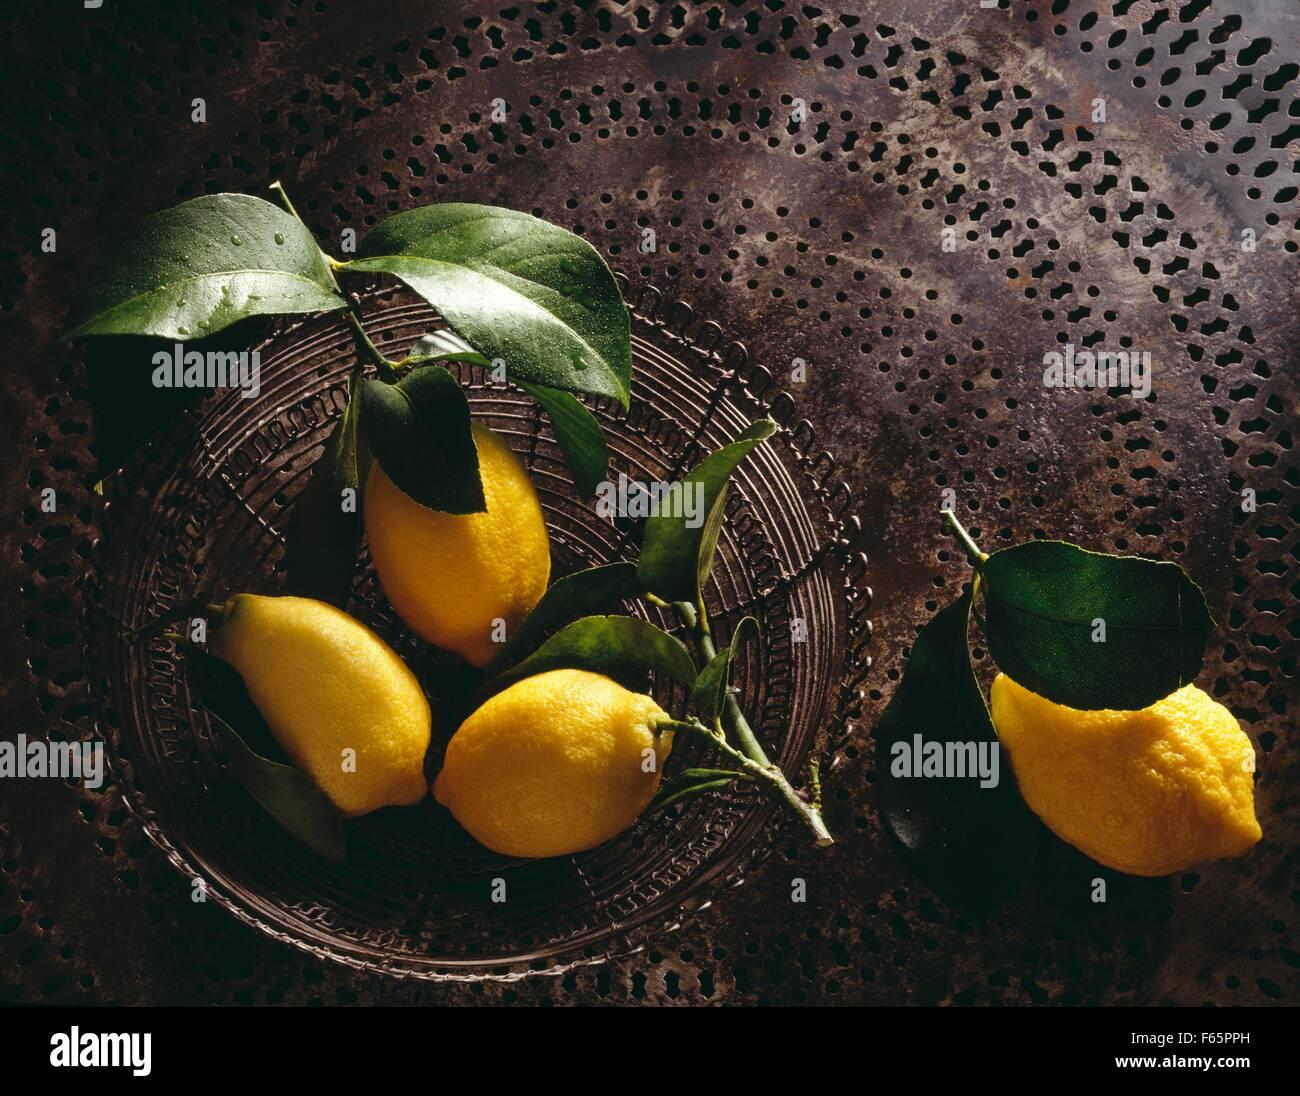 Lemons from Menton Stock Photo